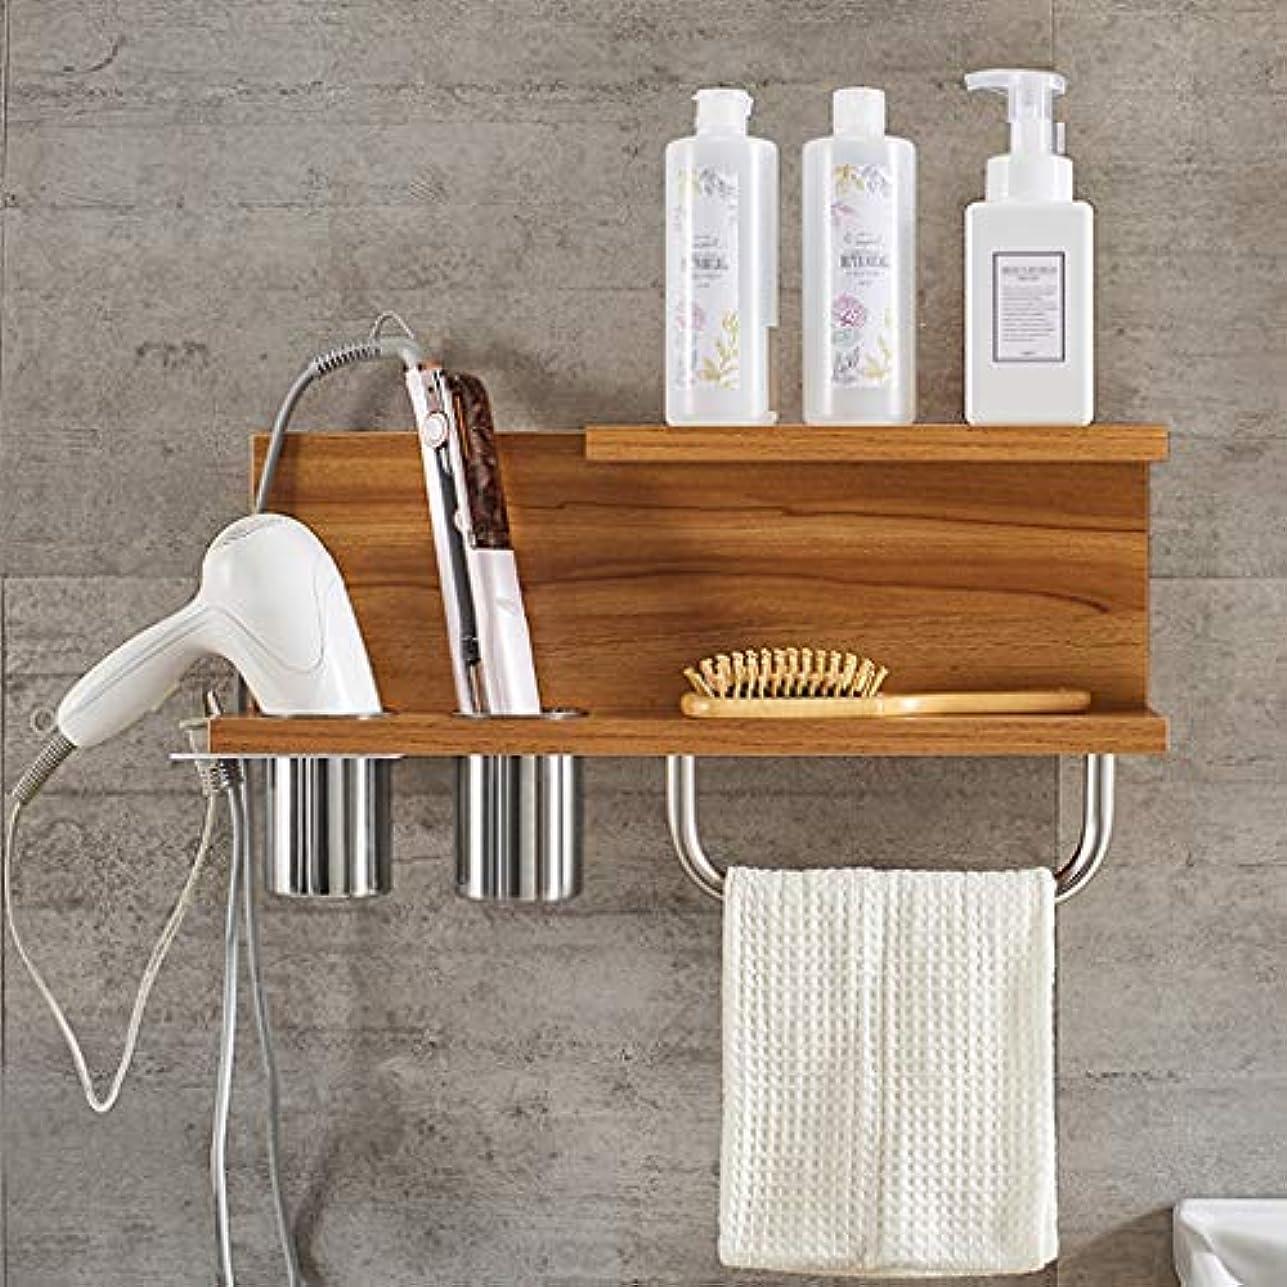 タール用語集白鳥浴室のヘアードライヤーの空気管フレームの壁に取り付けられた貯蔵の棚の棚のタオル掛けの浴室の防水棚の棚の浮遊壁 (Color : Brown)